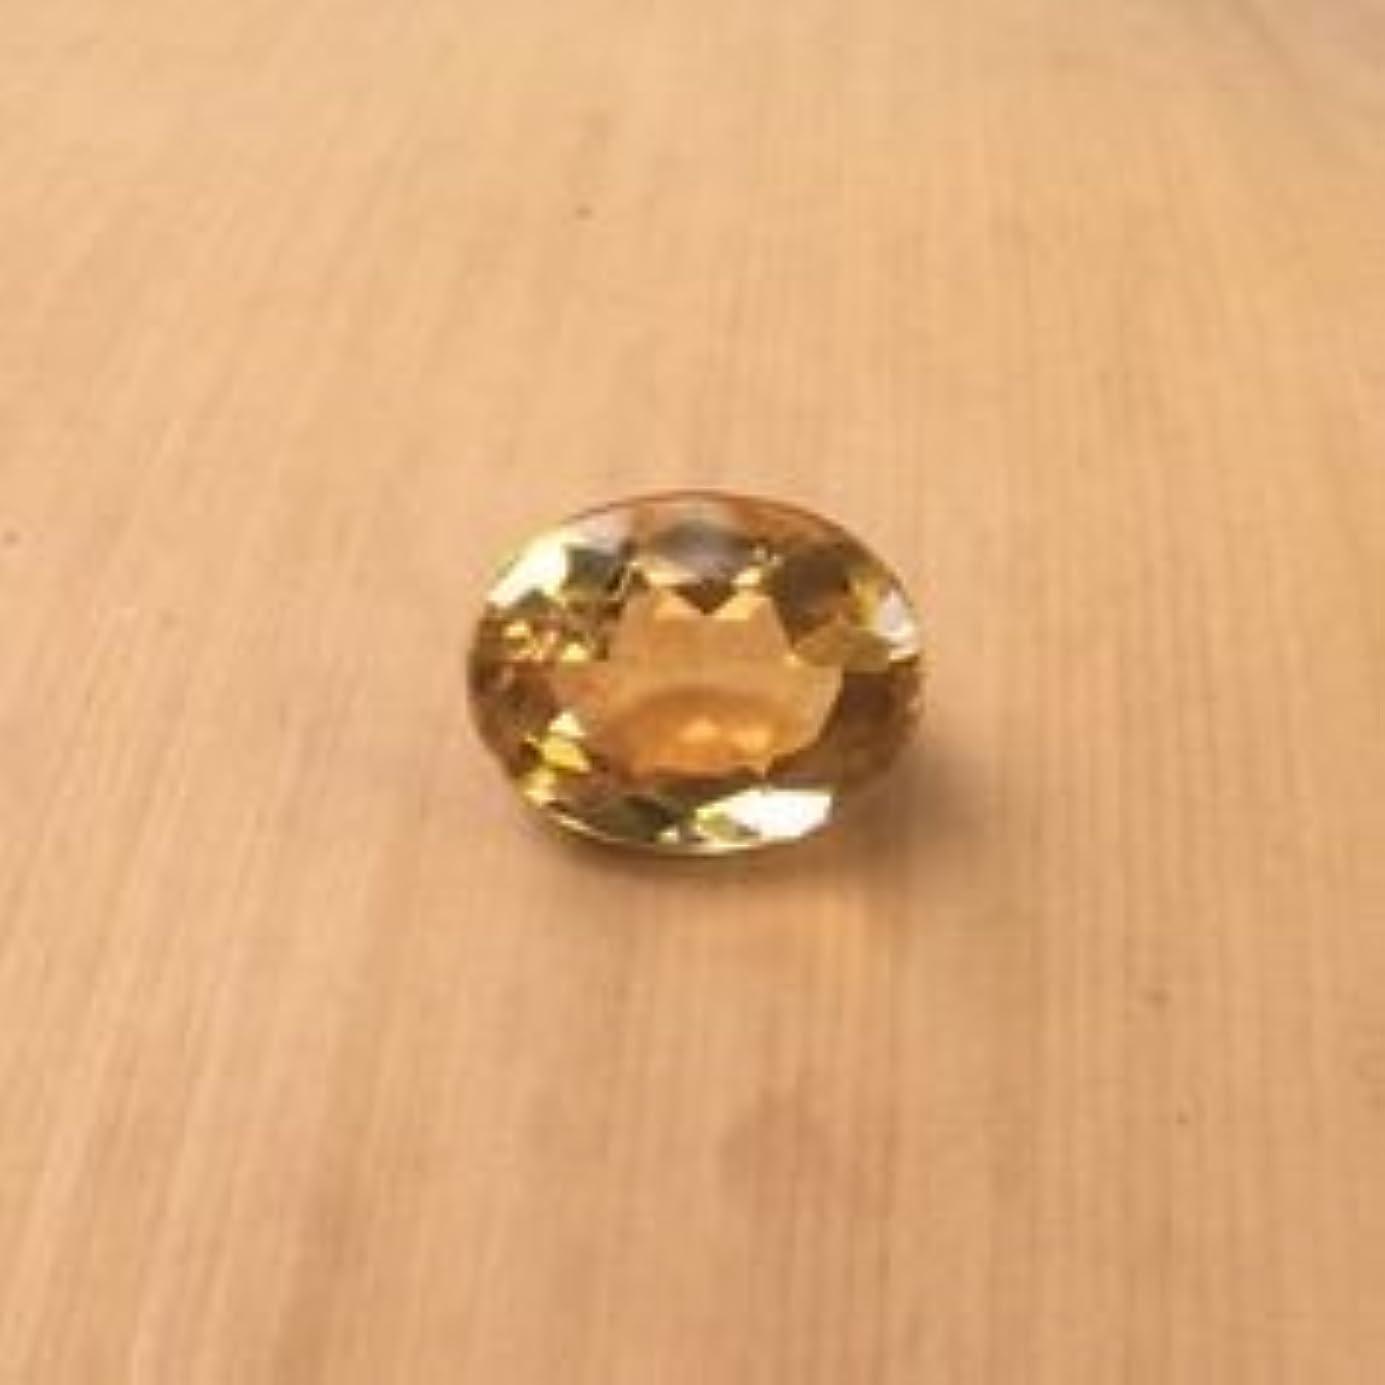 スライム誰か野望sunela石元Certified Natural Citrine Gemstone 9.9 Carat By gemselect